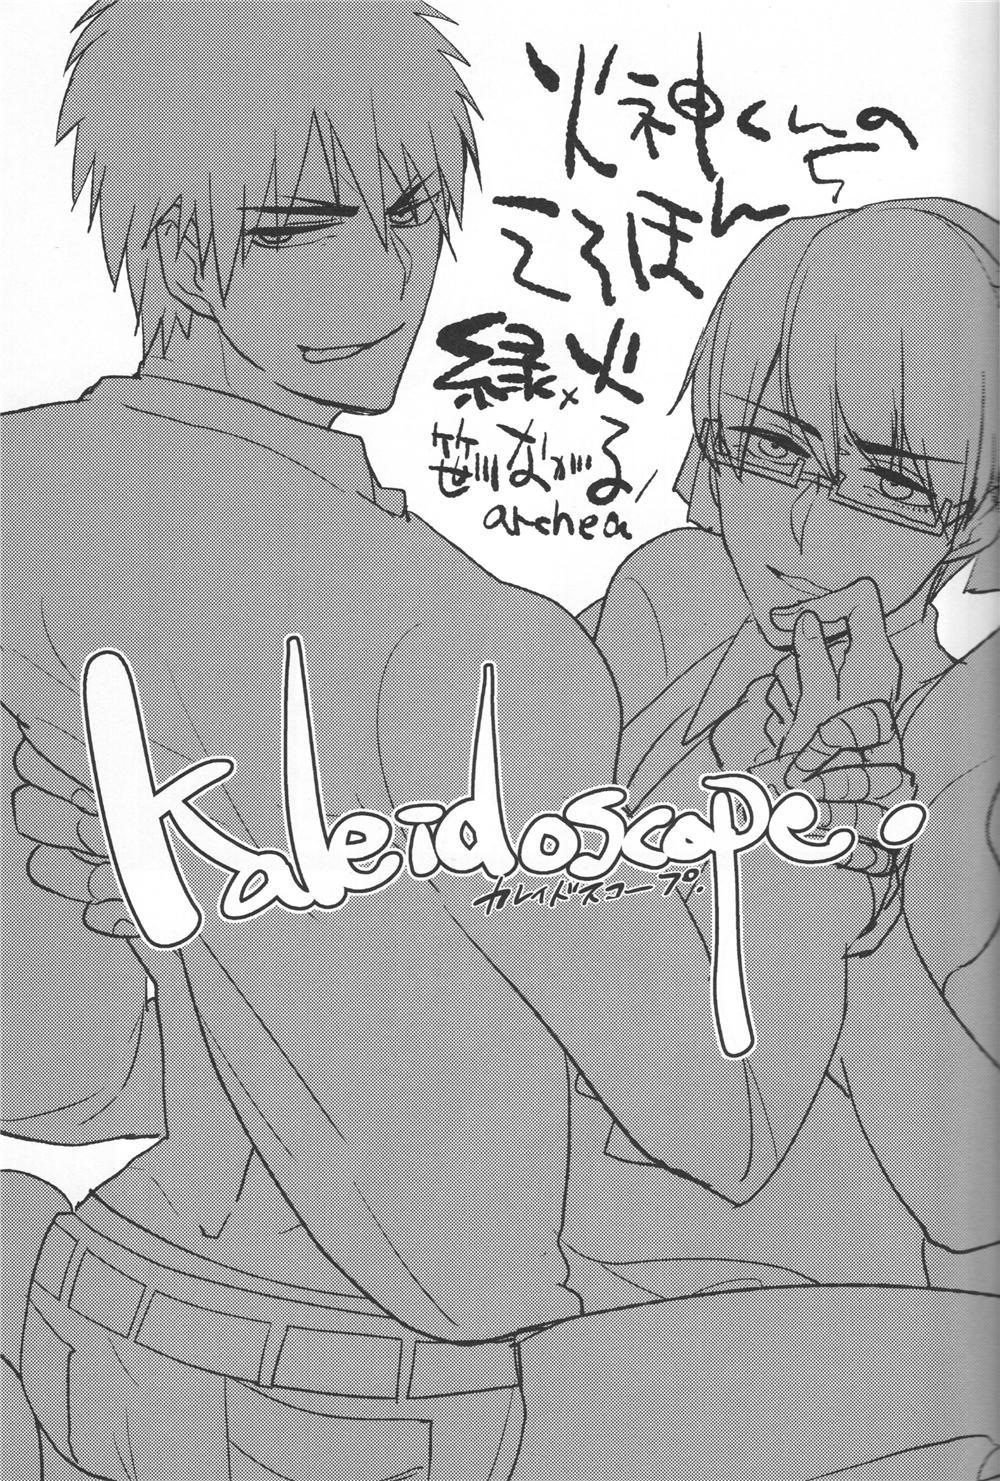 Kaleidoscope Kagami-kun no Erohon 5 1